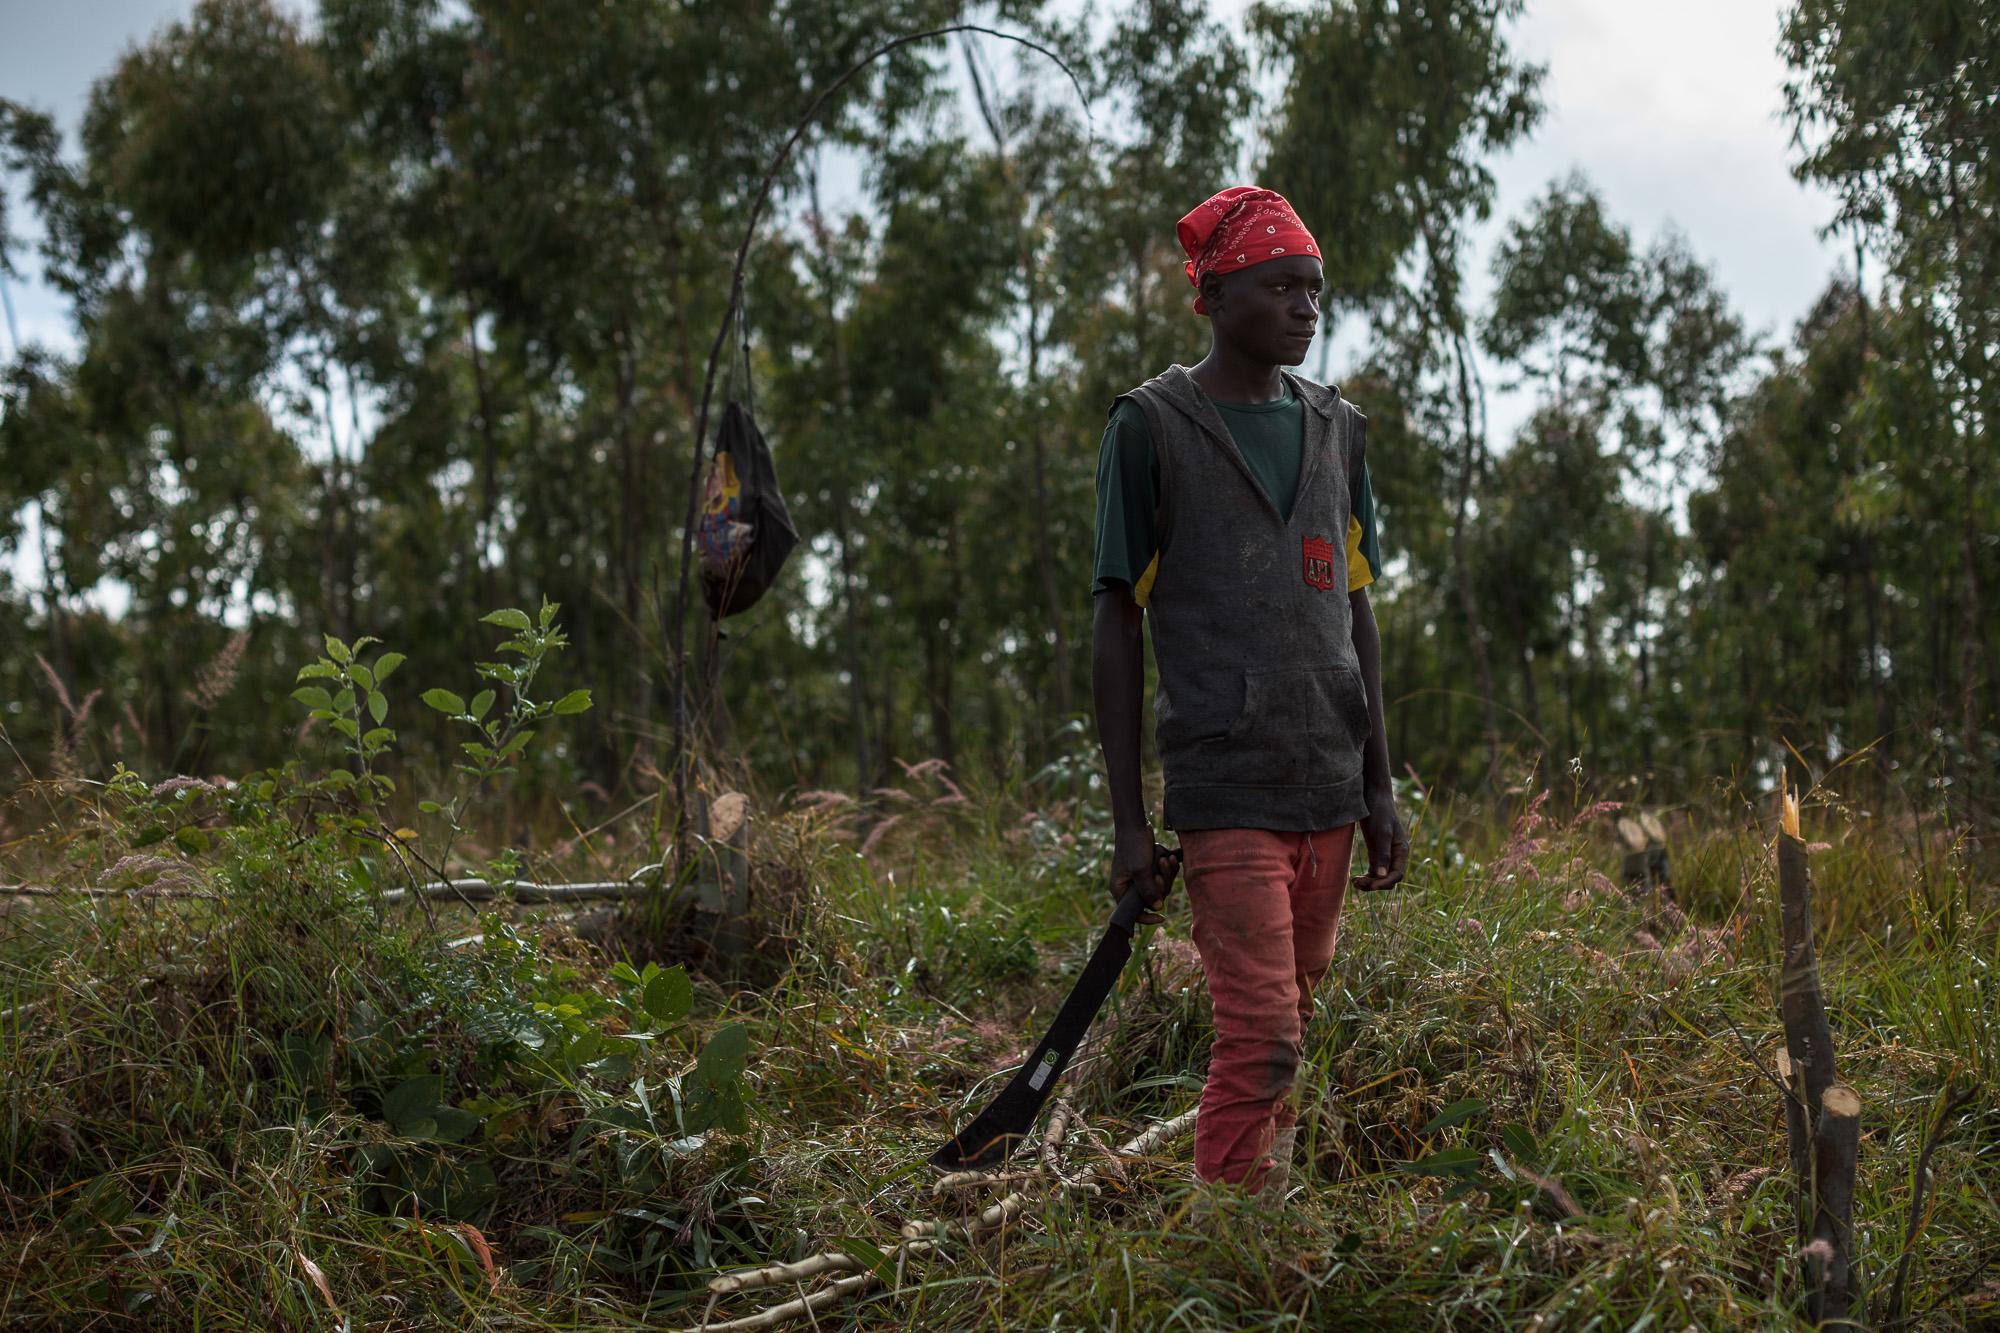 Manward Chisambi, a worker at Kawandama Hills Plantation (KHP)